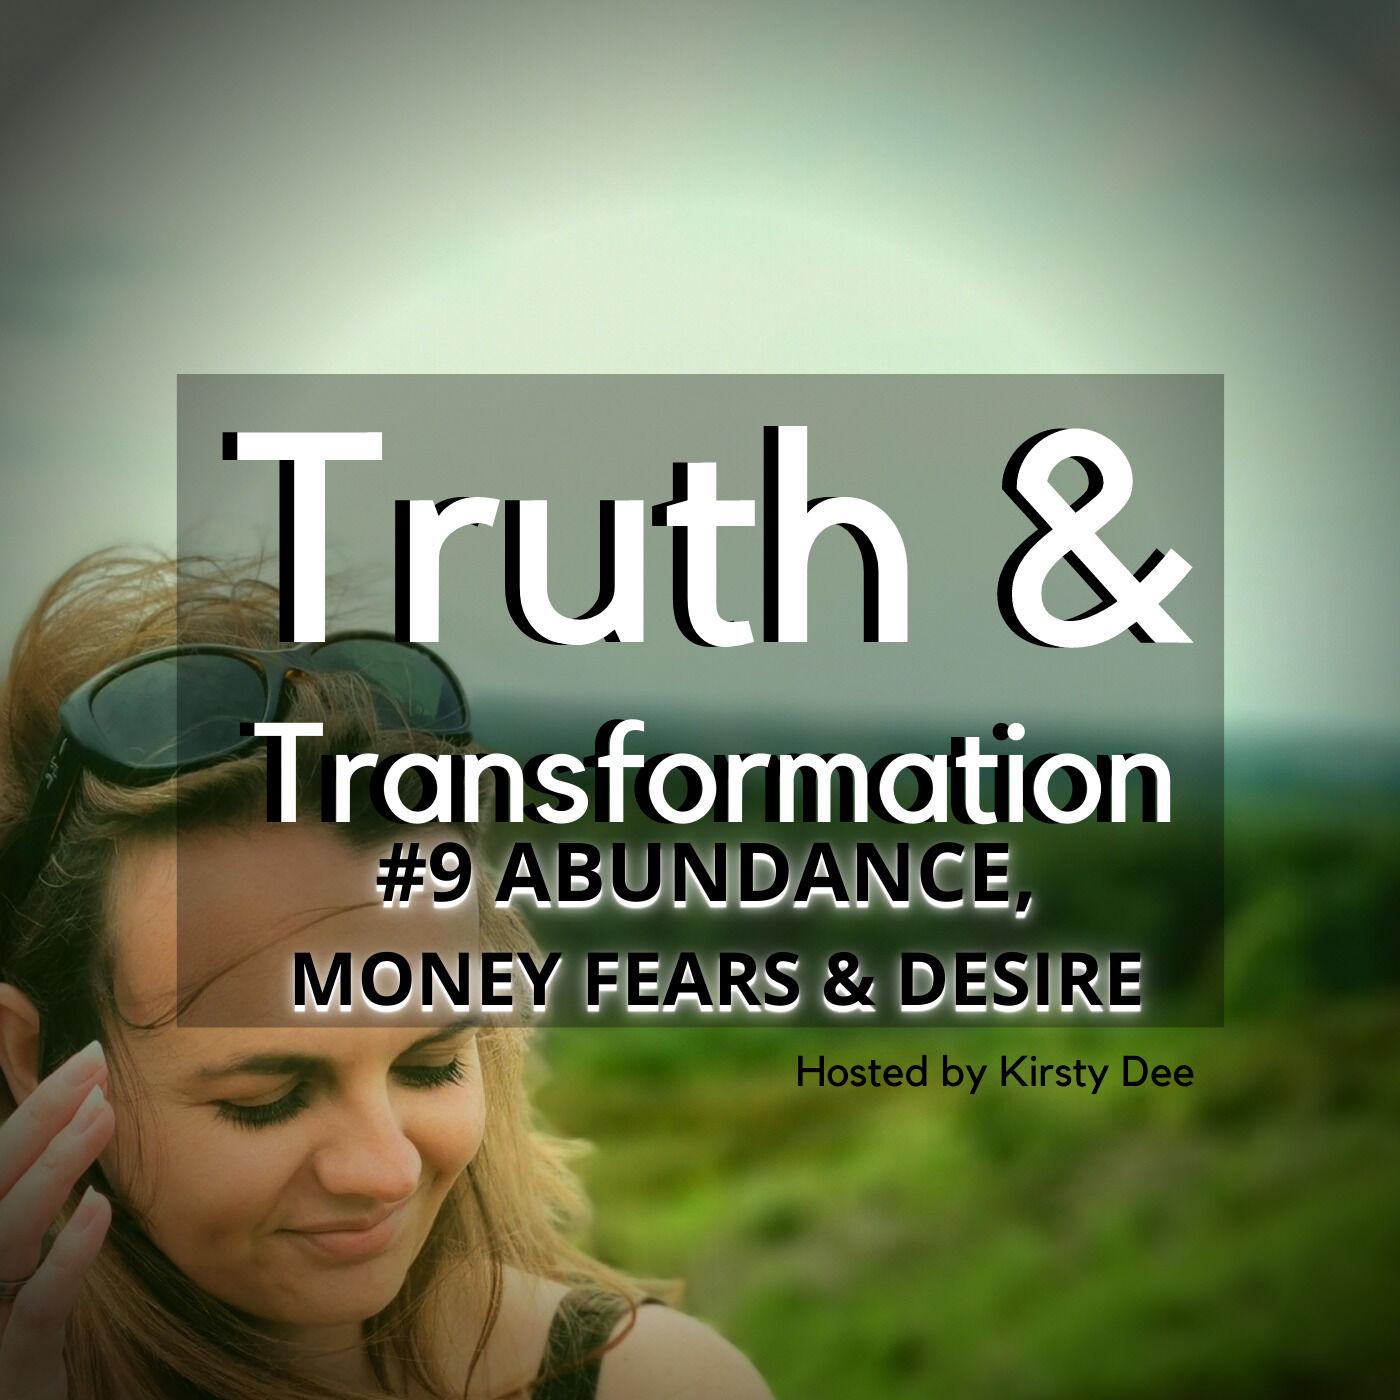 #9 ABUNDANCE, MONEY FEARS & DESIRE